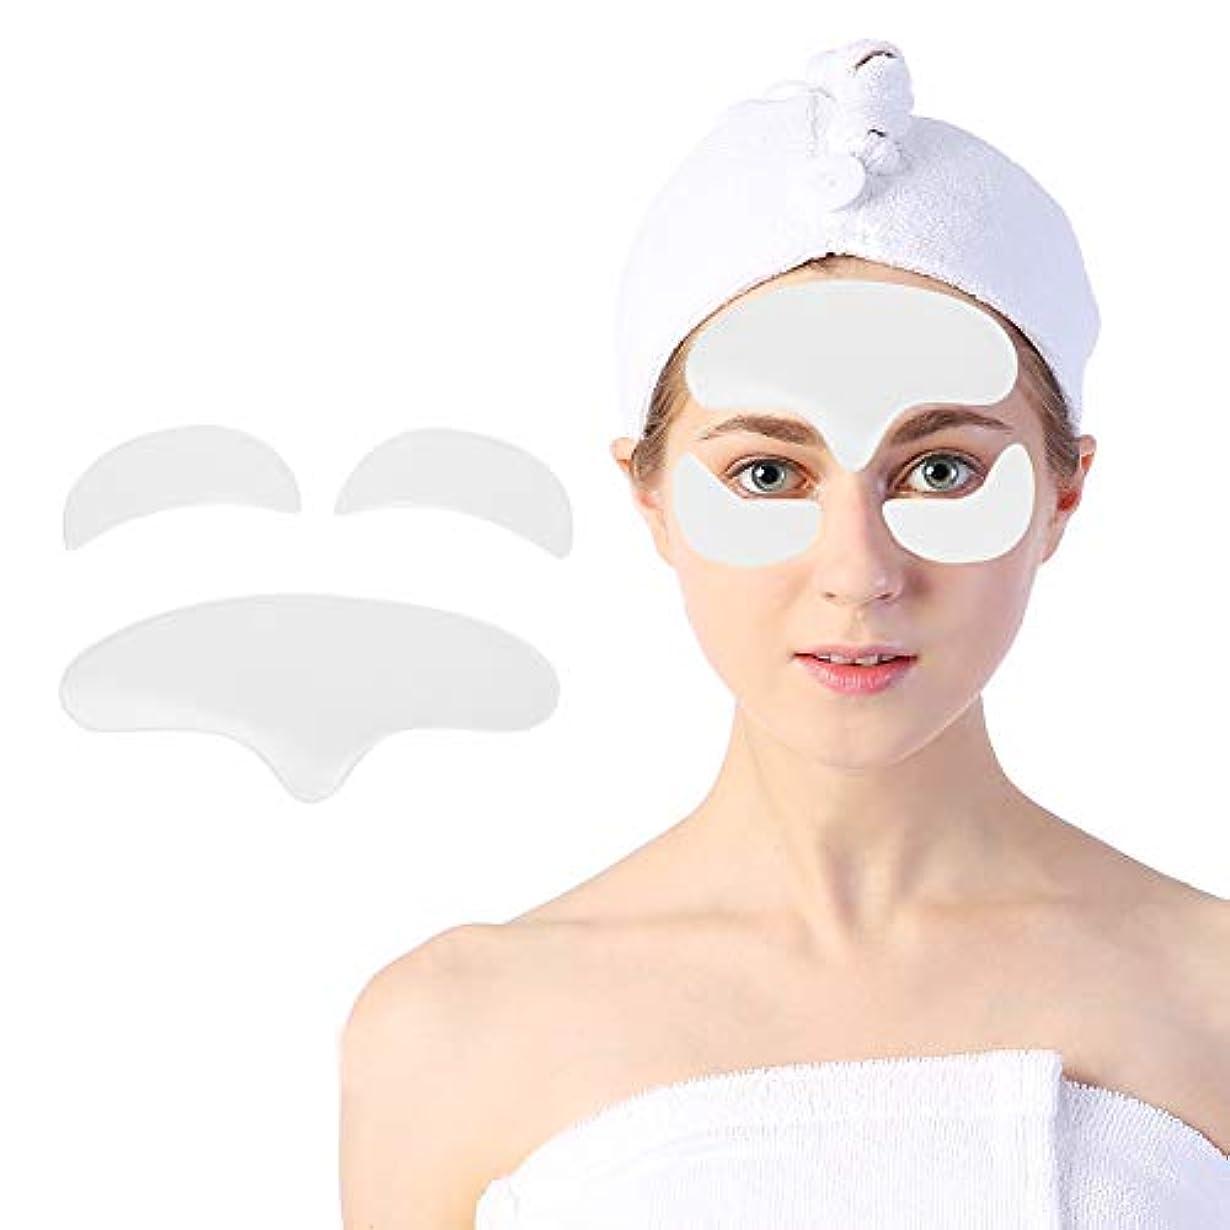 フェミニンリーフレット心臓顔用アンチリンクルパッド、顔面および目の皮膚を持ち上げて引き締めるための再利用可能なシリコーン肌のリラクゼーションパッチ